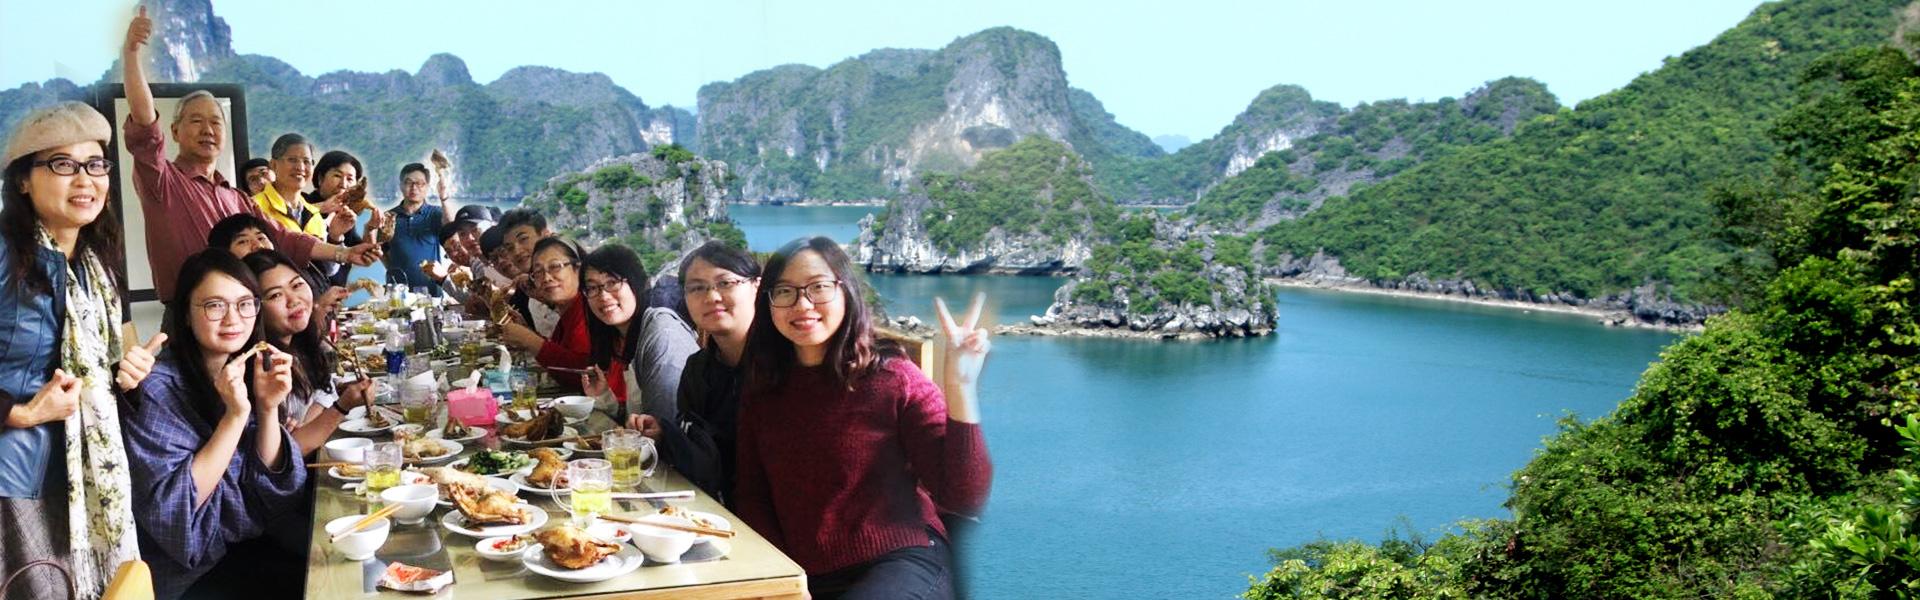 前進越南:看到世界的無限與自己的渺小